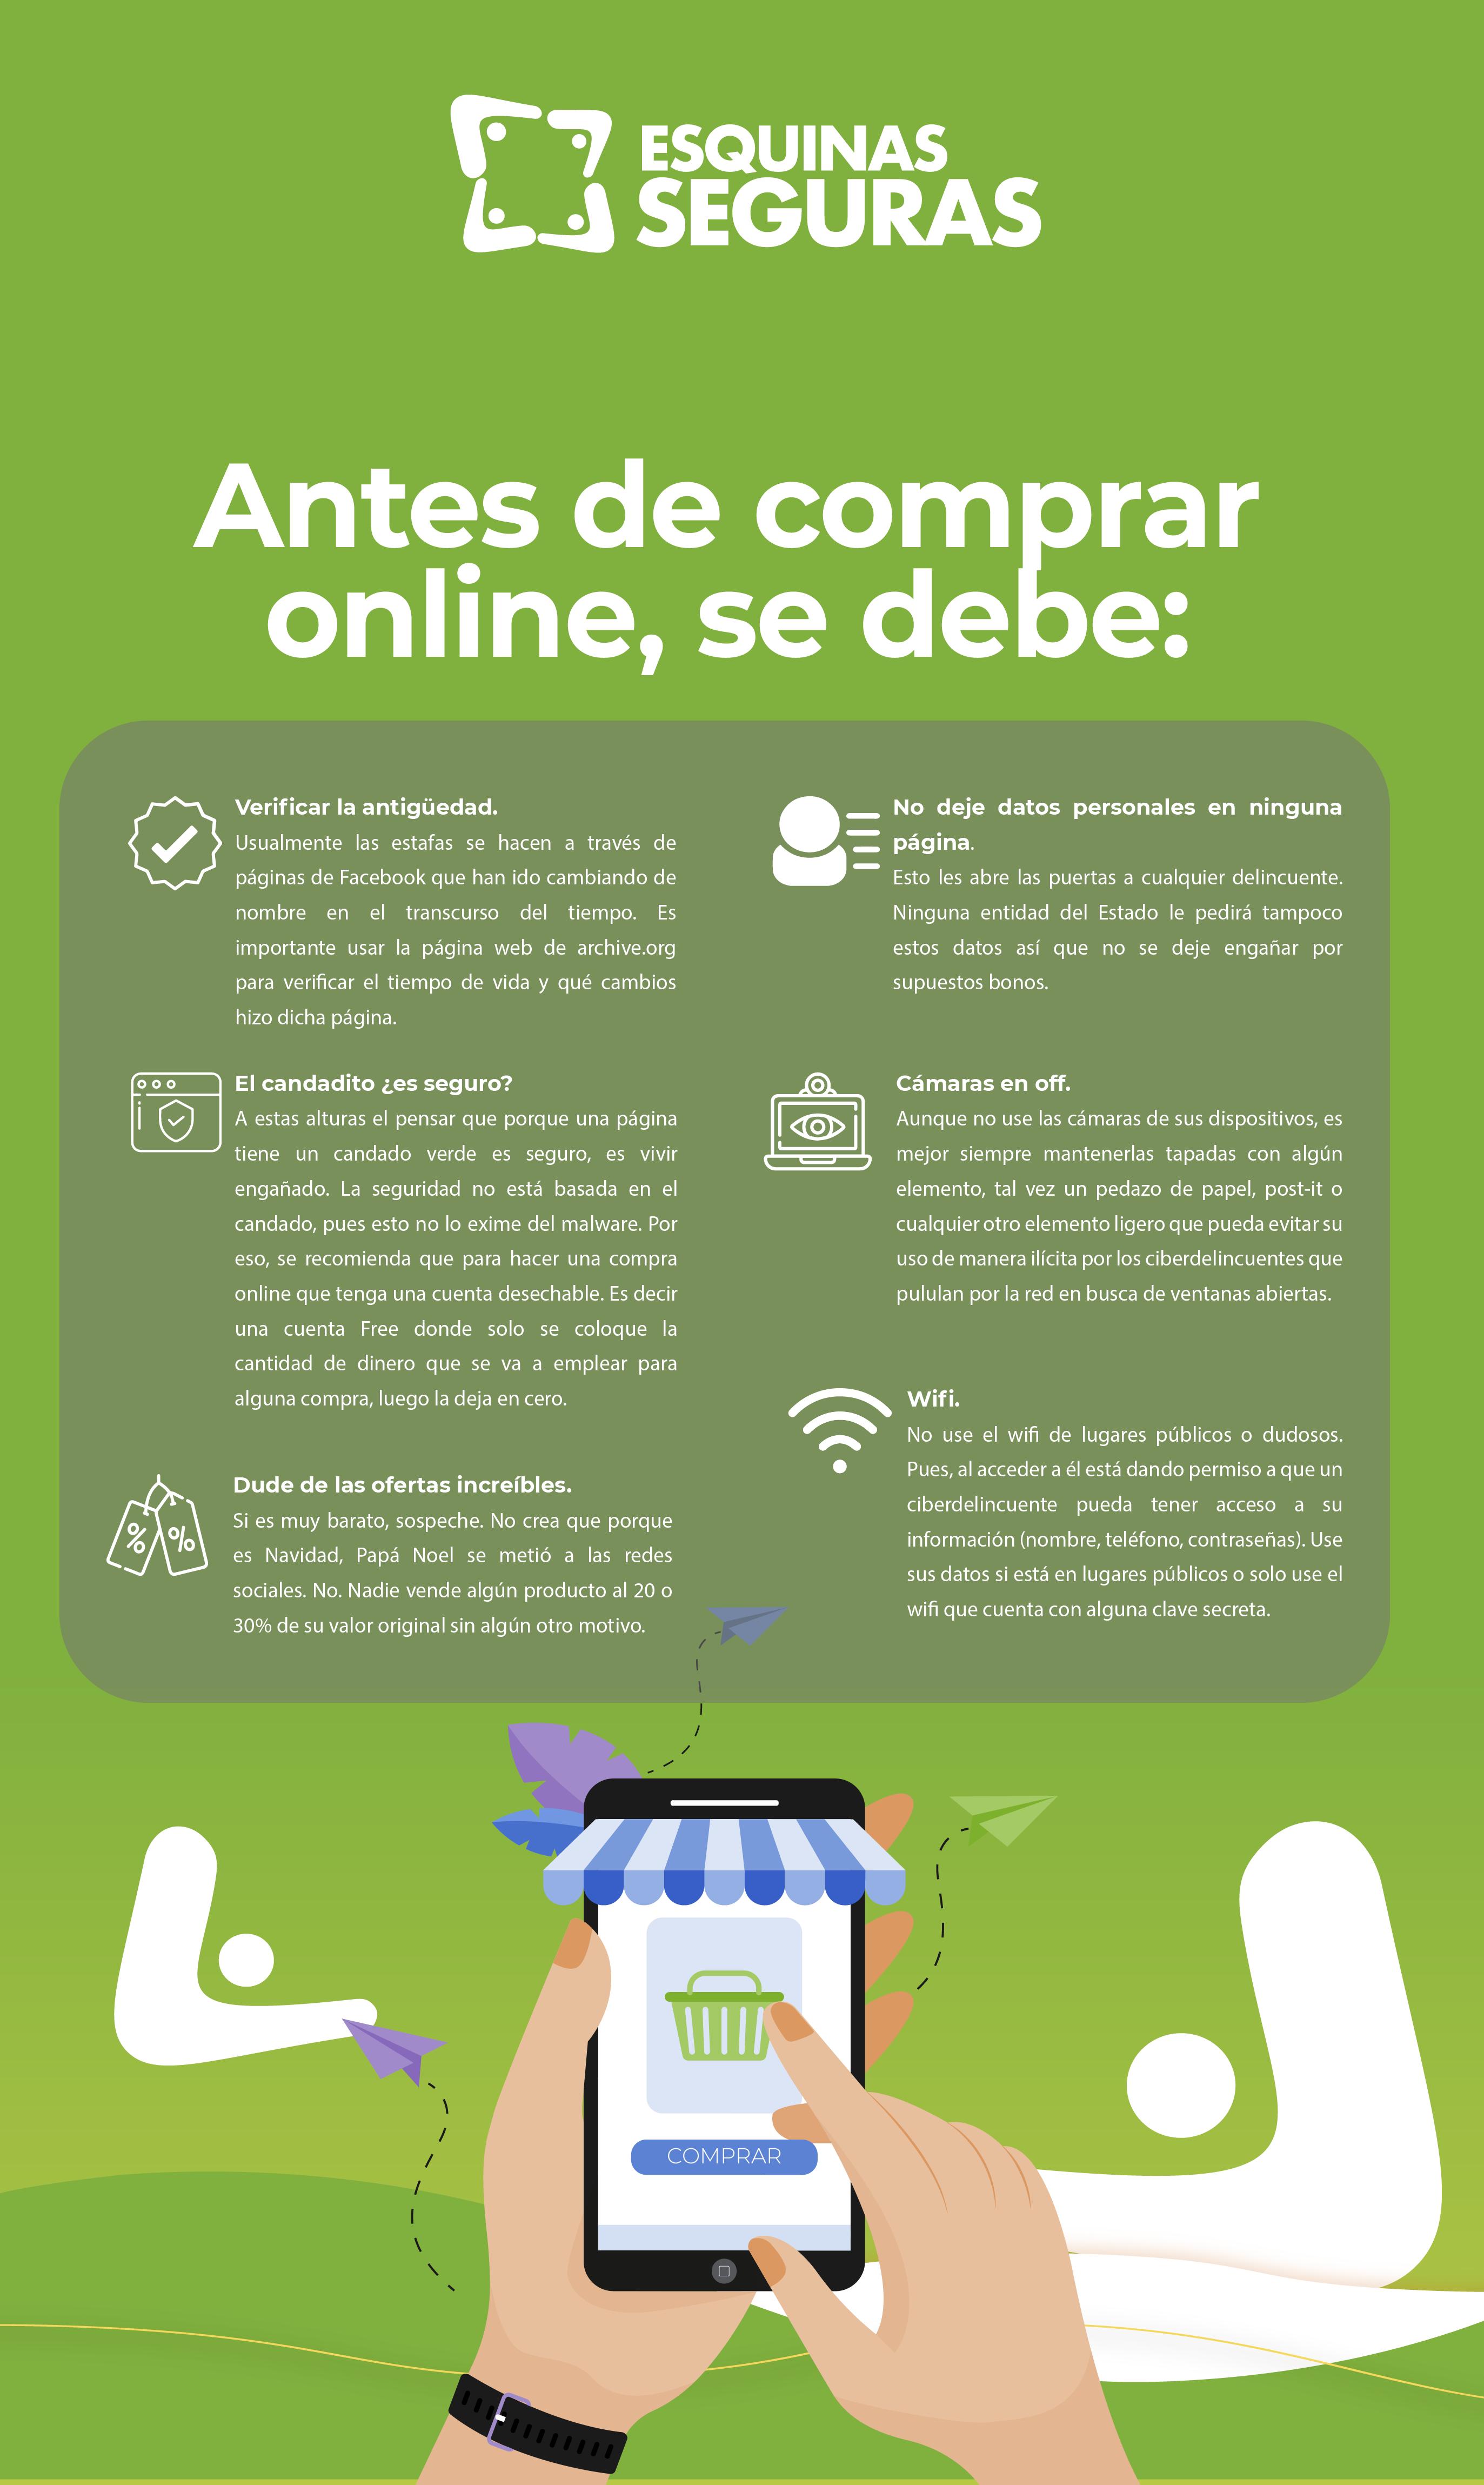 recomendaciones antes de comprar online